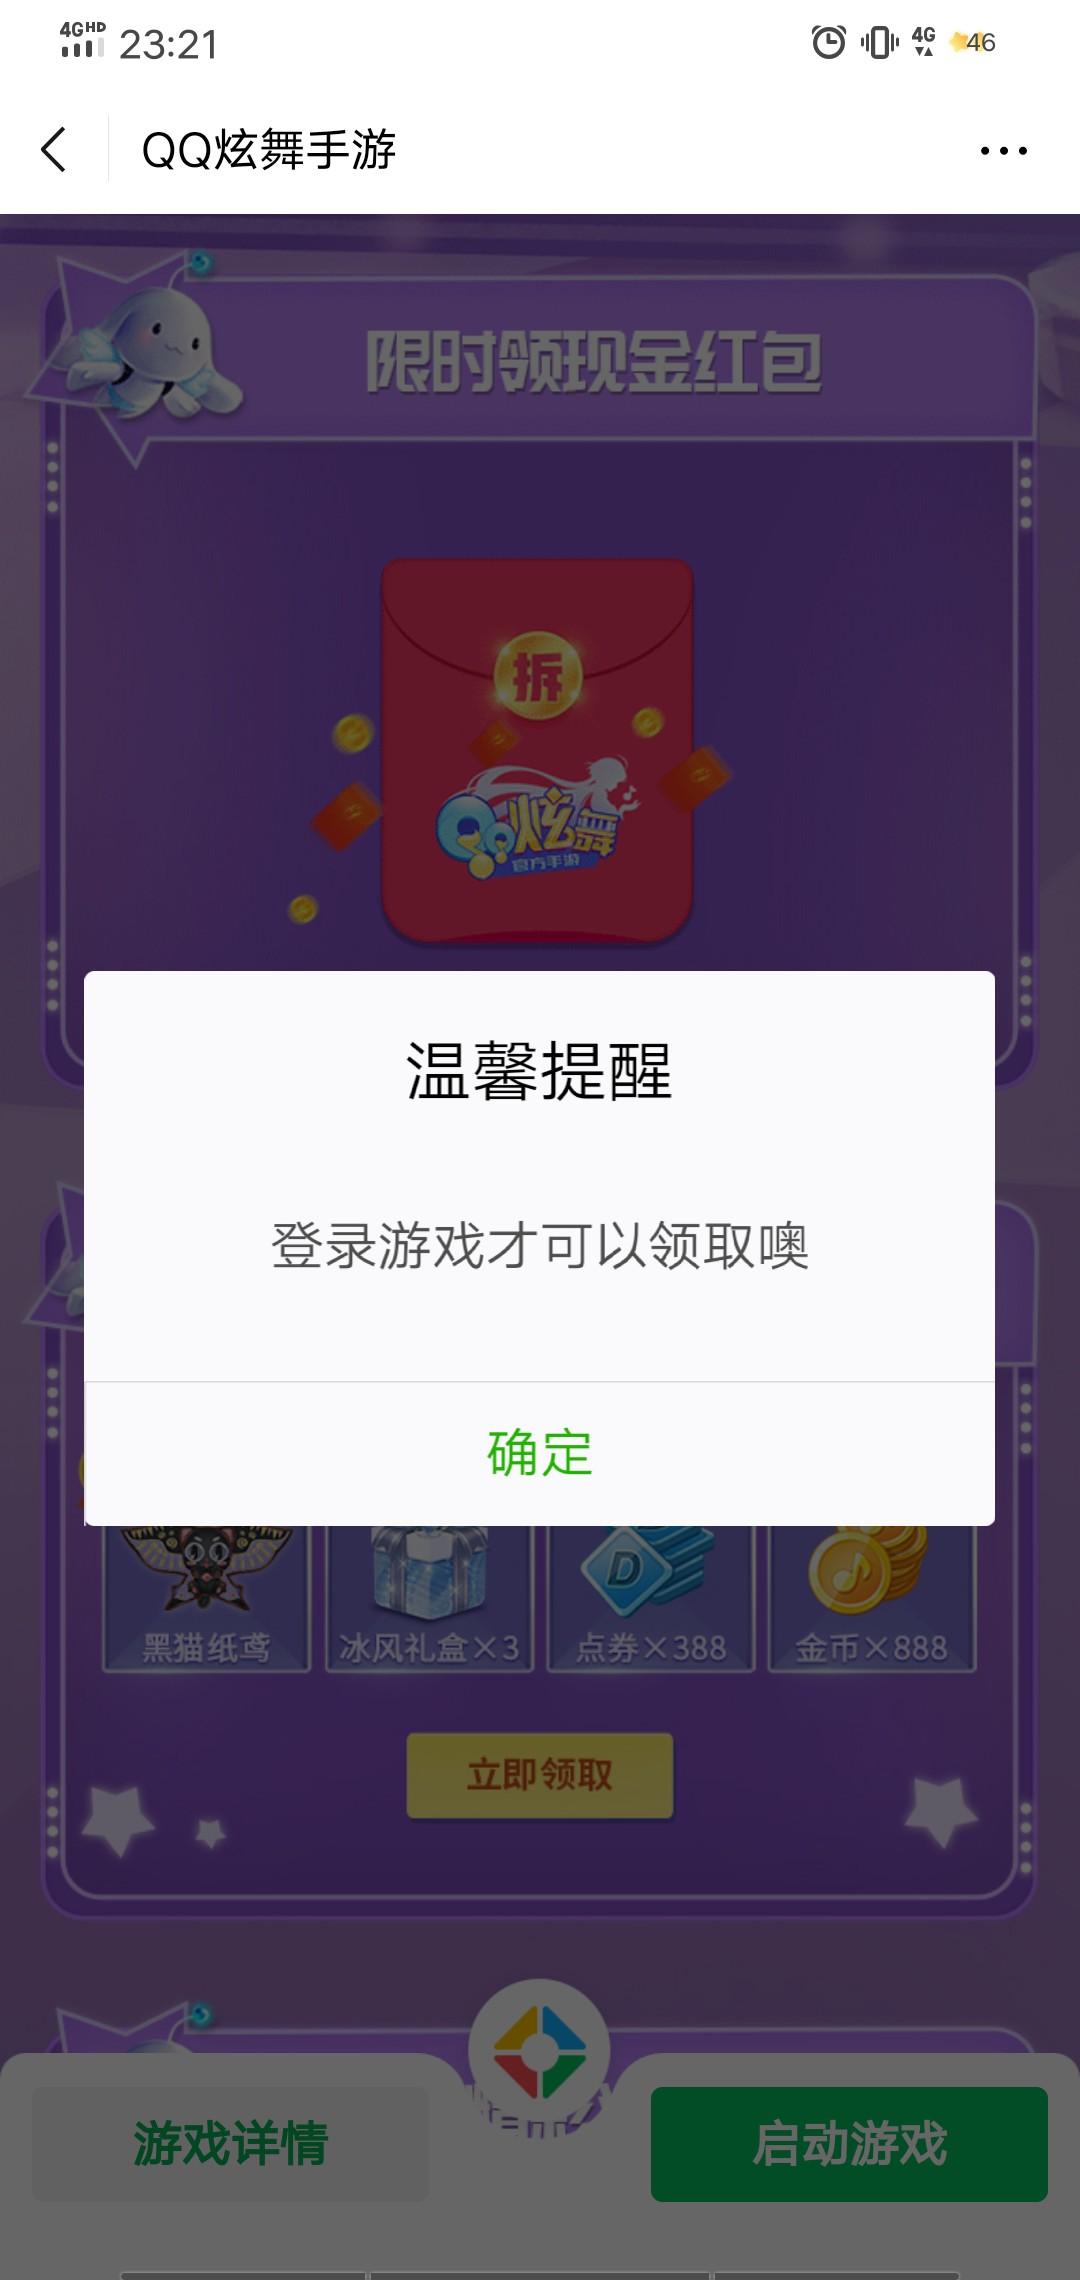 图片[1]-QQ炫舞登录游戏领红包-老友薅羊毛活动线报网